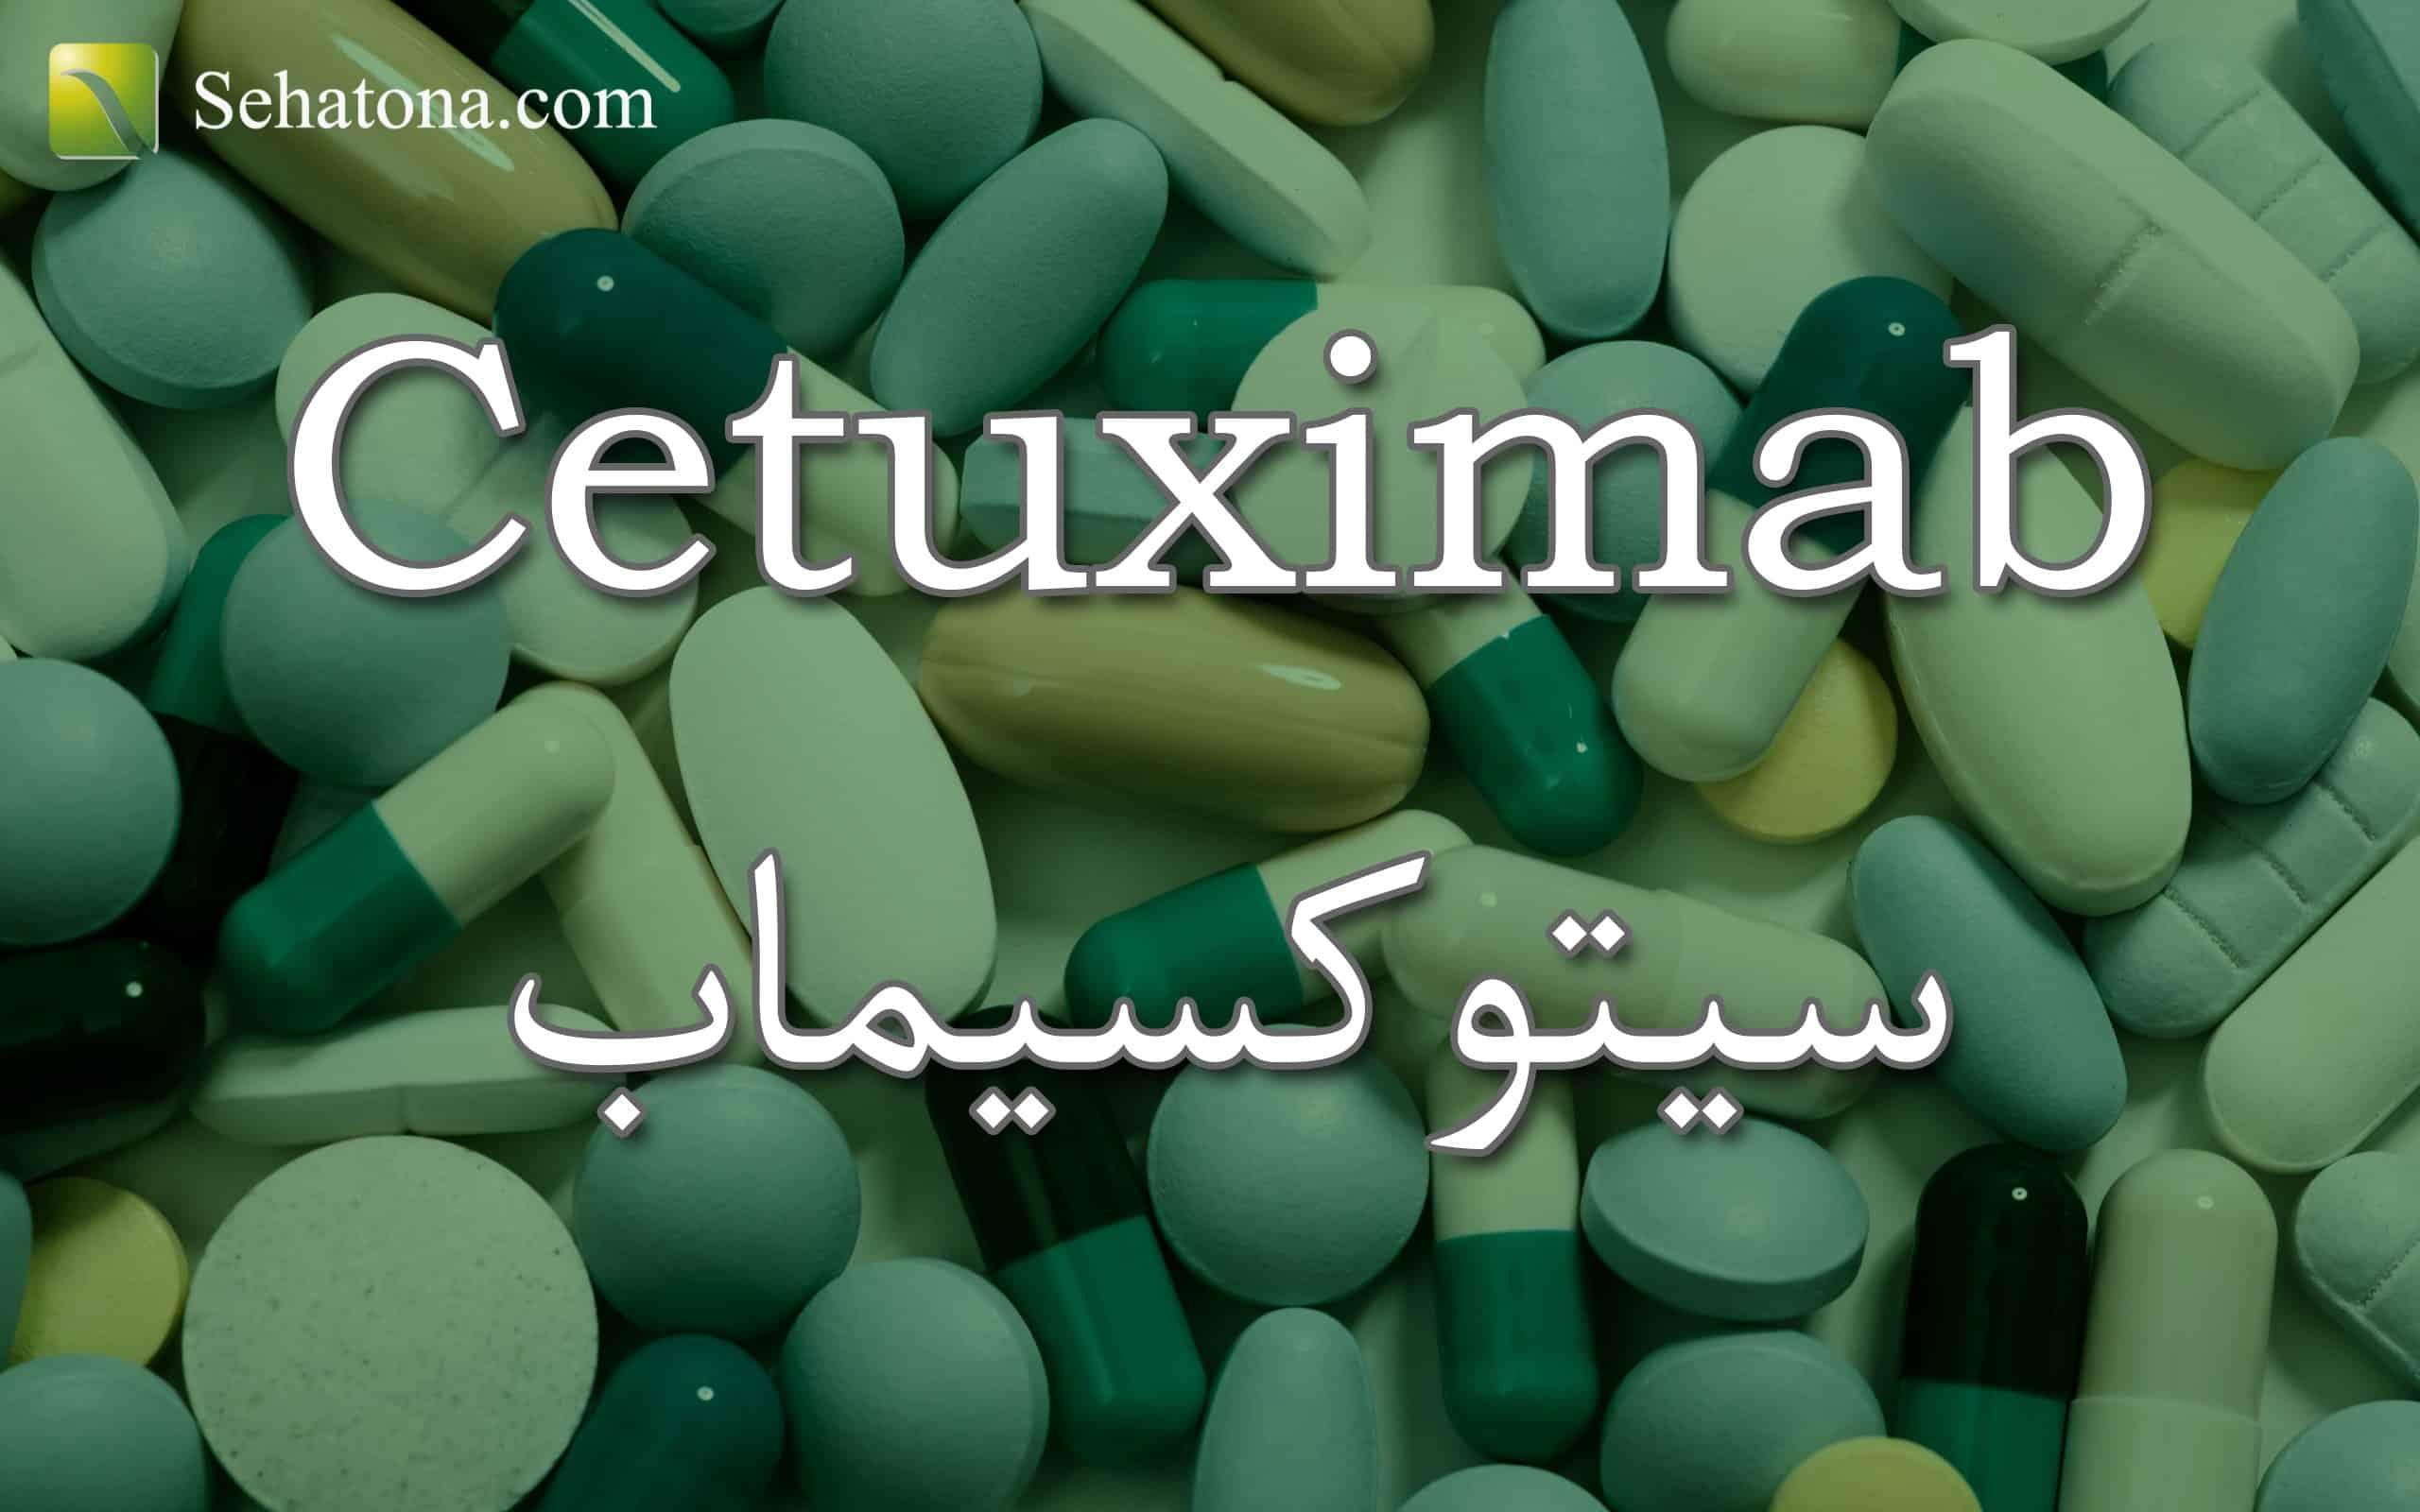 Cetuximab